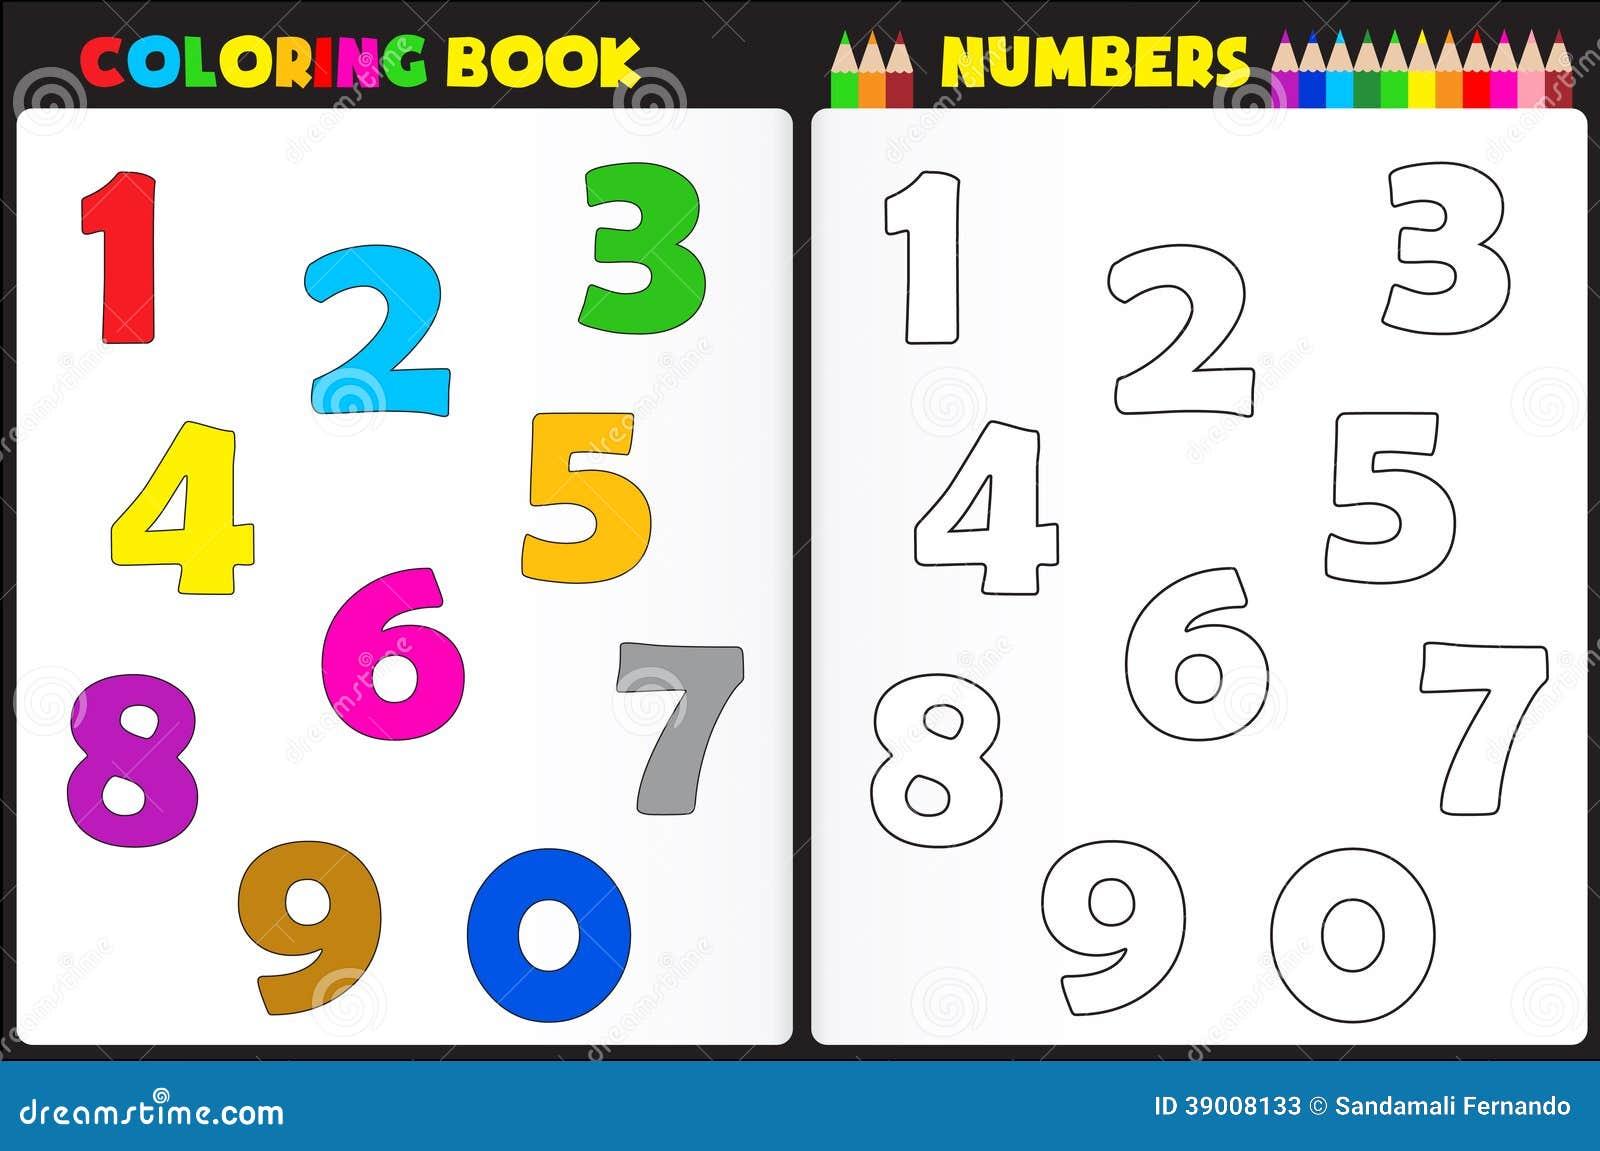 Pagine Da Colorare Per Adulti Libro Modello Astratto: Numeri Di Libro Da Colorare Illustrazione Vettoriale